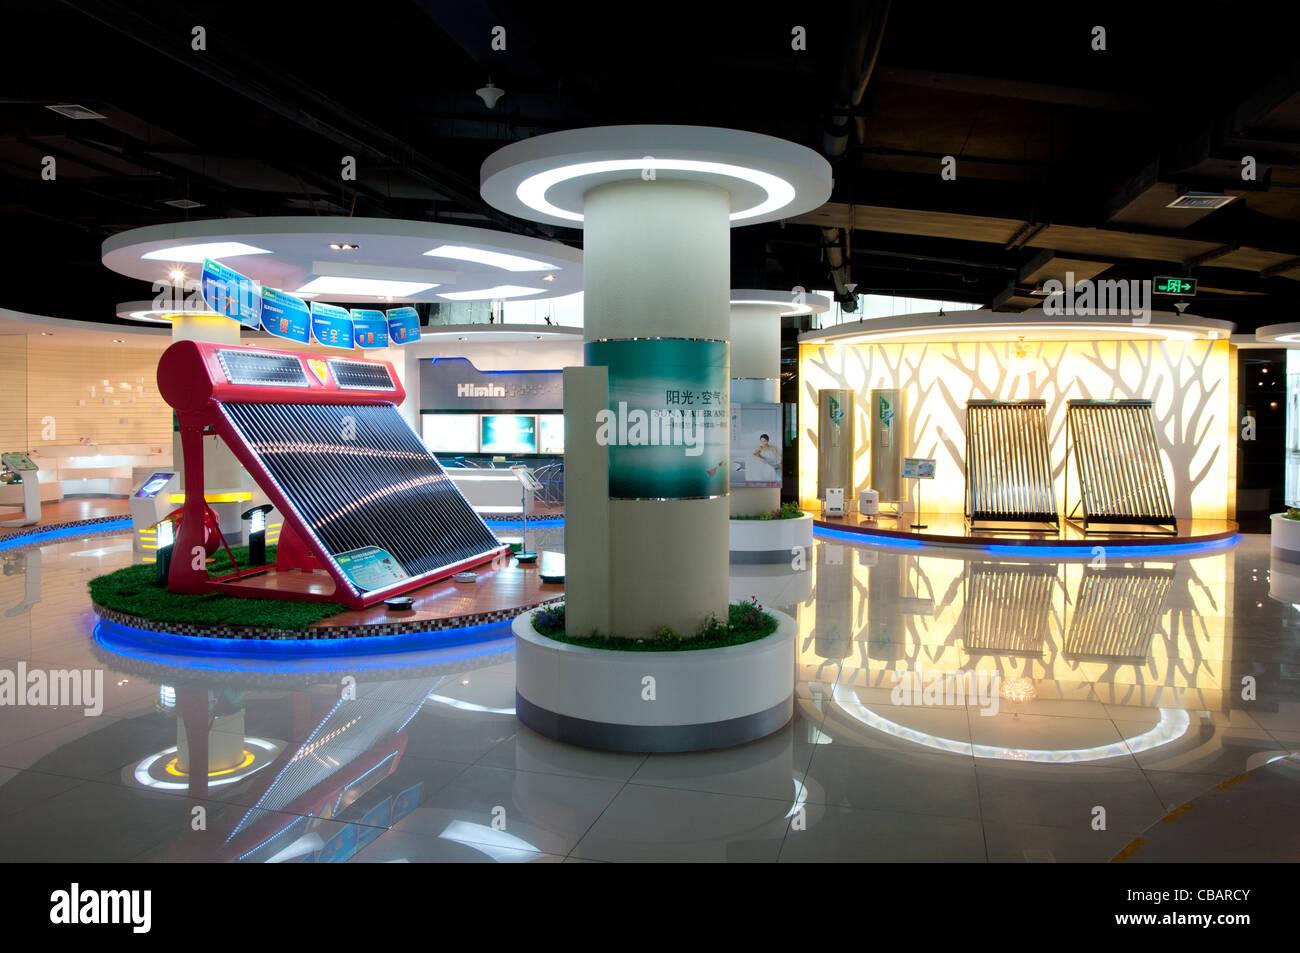 Le show room de la société solaire Himin pour une usine chinoise, leader dans la production de chauffe Photo Stock